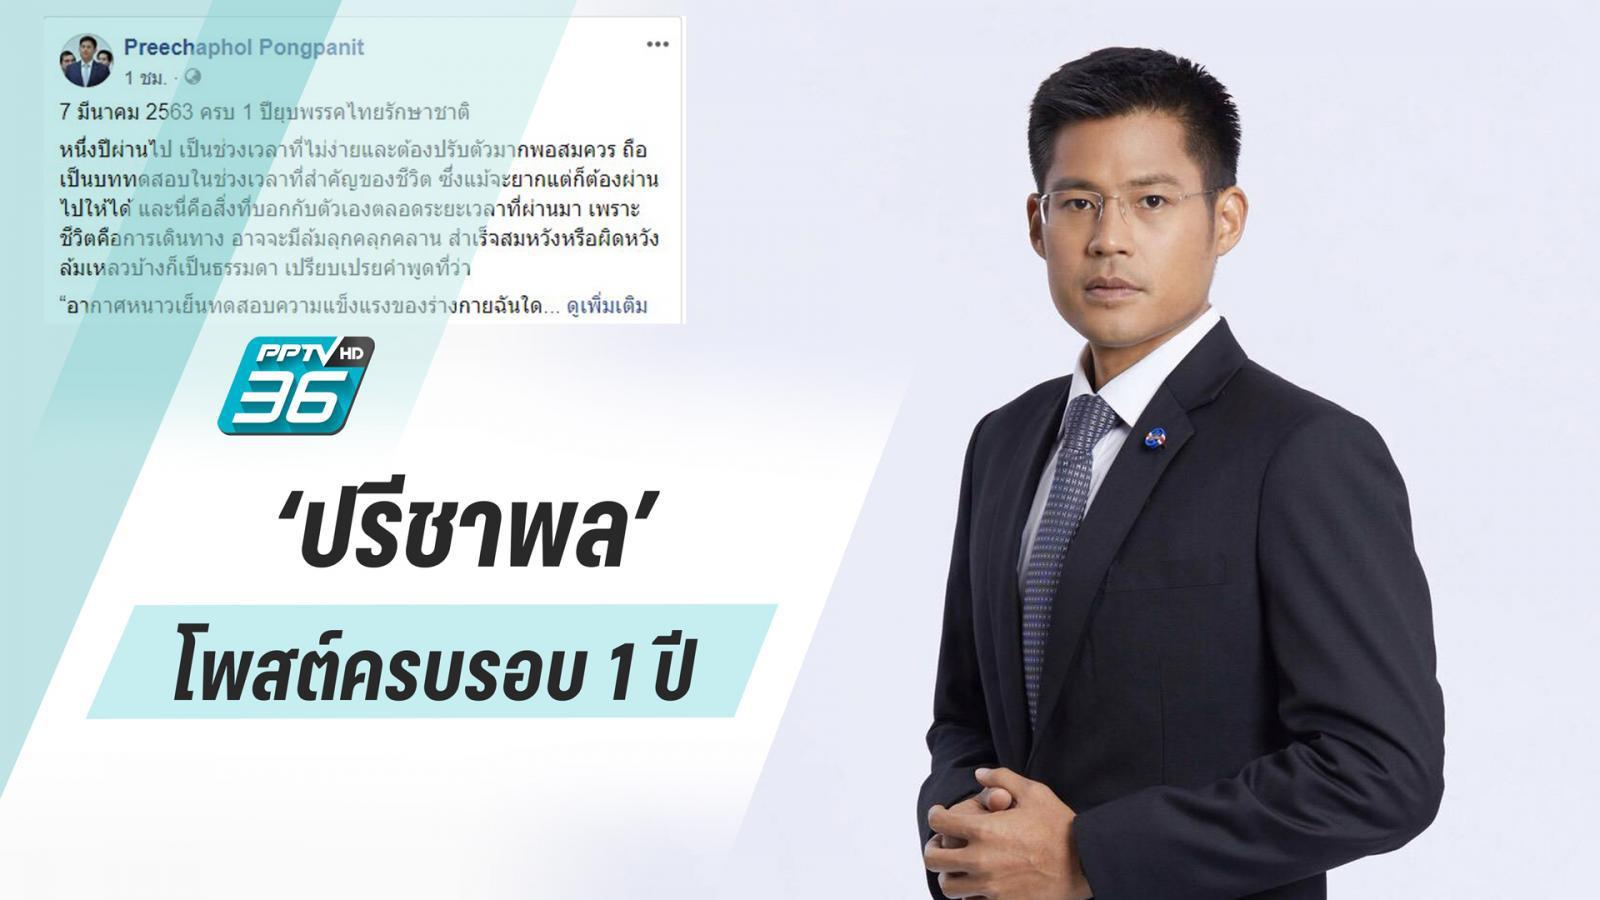 7 มี.ค. 63 ครบ 1 ปียุบพรรคไทยรักษาชาติ